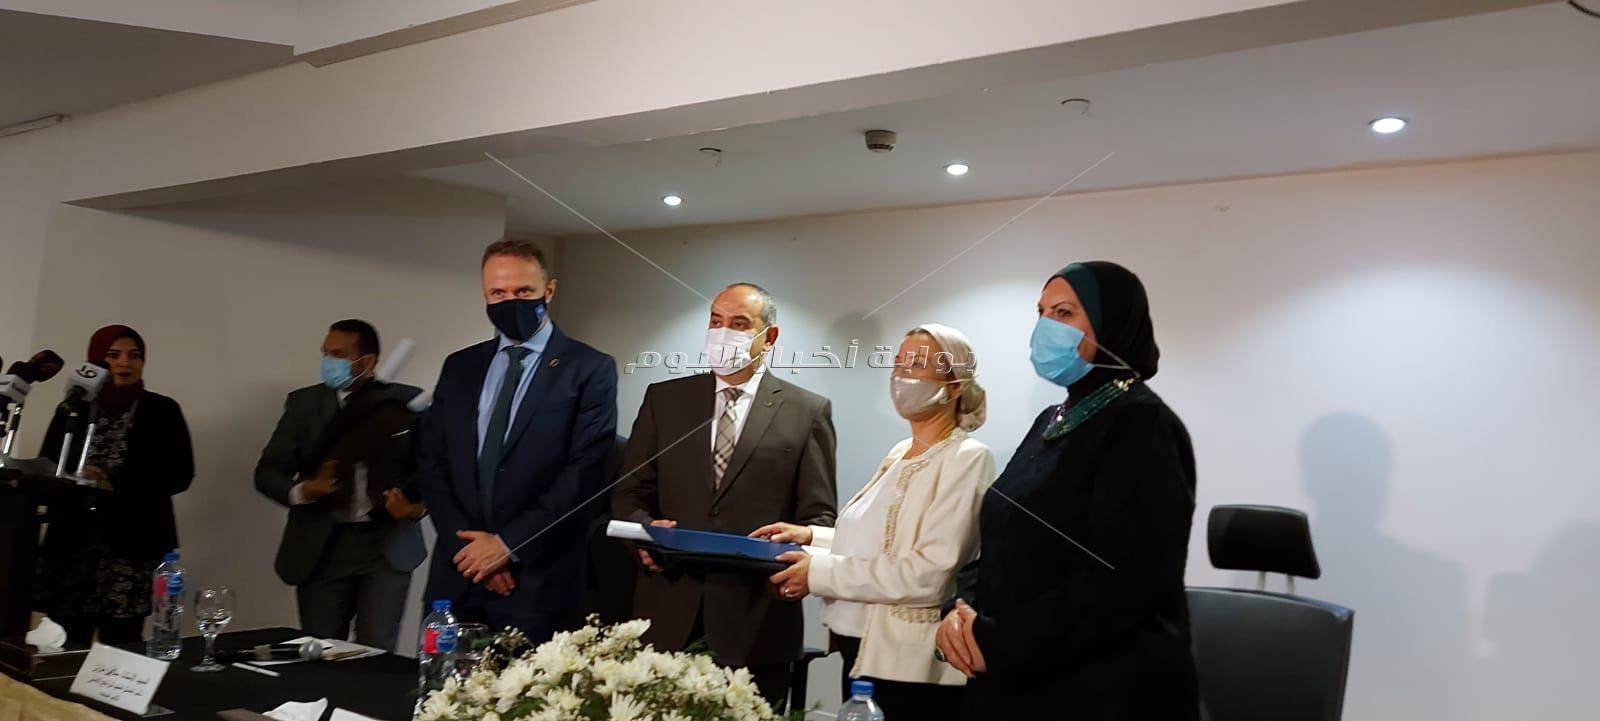 توقيع بروتوكول تعاون بين البيئة والطيران لنظام خلايا شمسية بمطار القاهرة الدولي